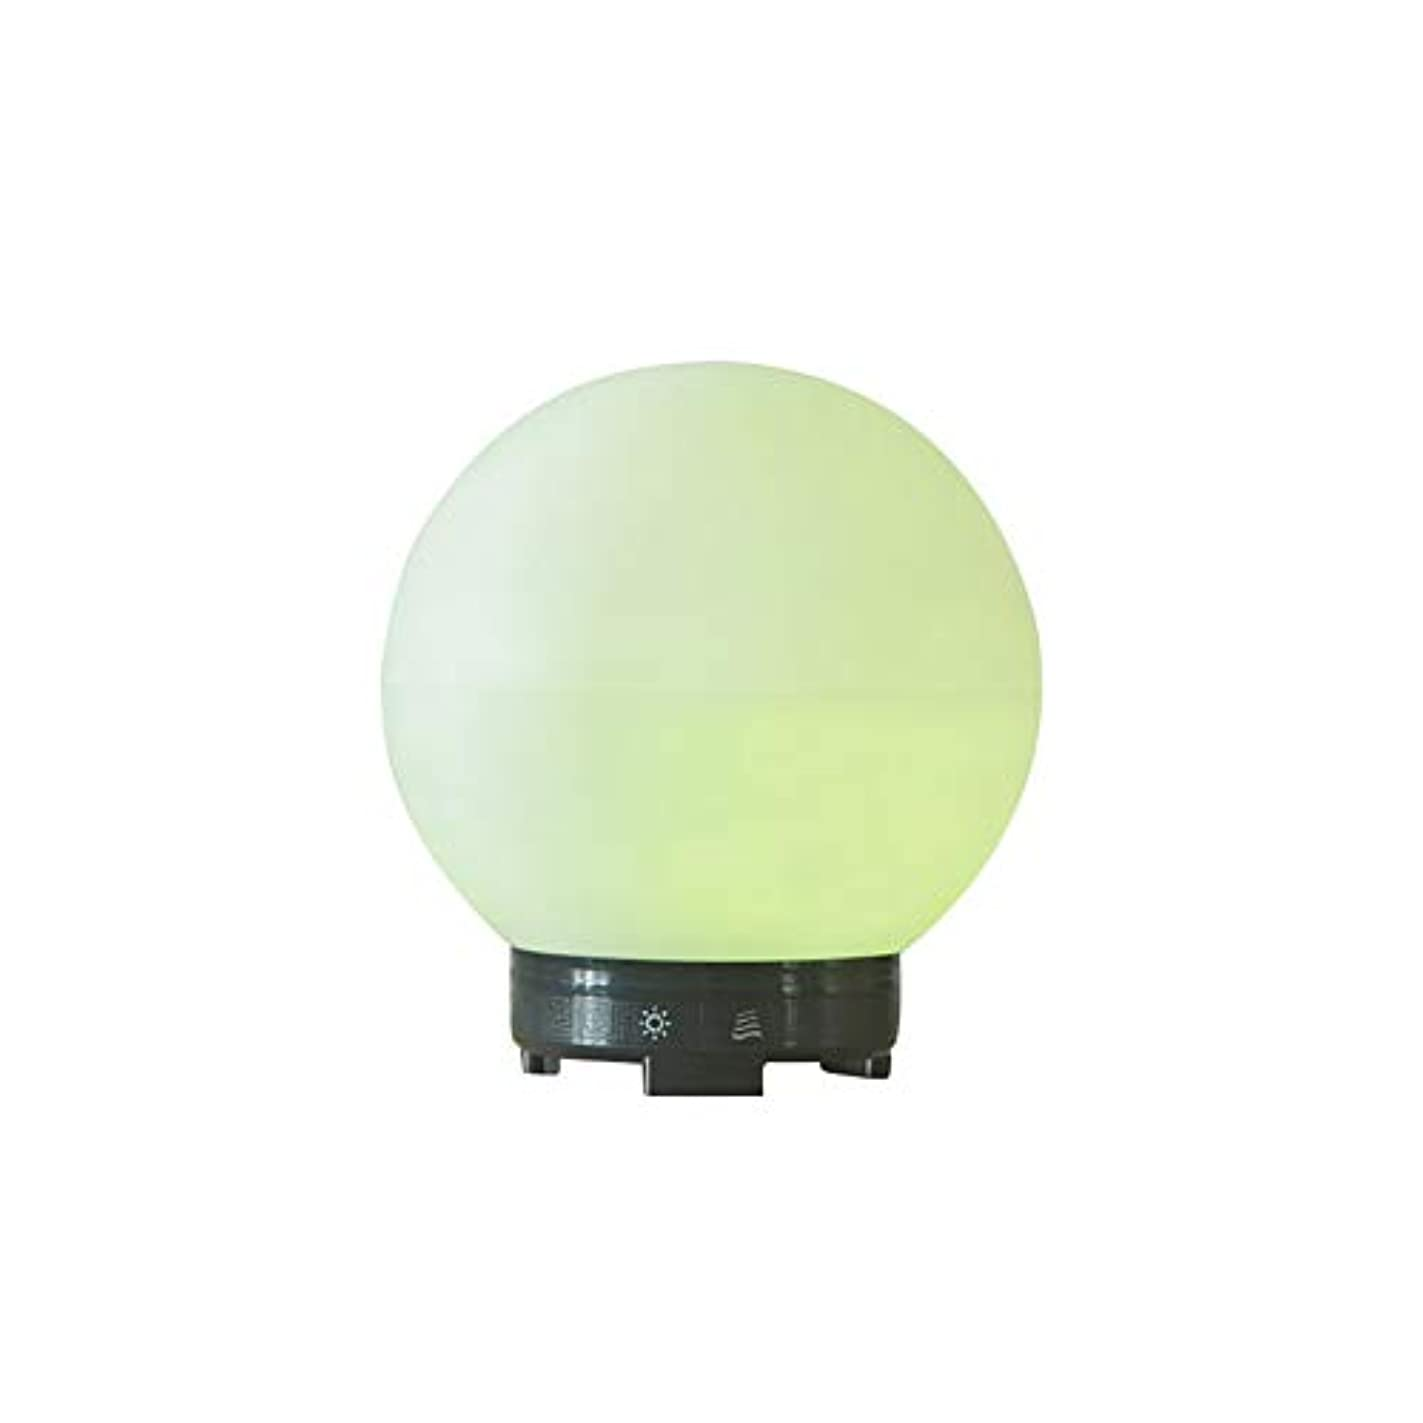 約束するためらうコミットメントエッセンシャルオイルディフューザーと加湿器、ミストエッセンシャルオイルアロマ加湿器用の超音波アロマディフューザー、7色LEDライト